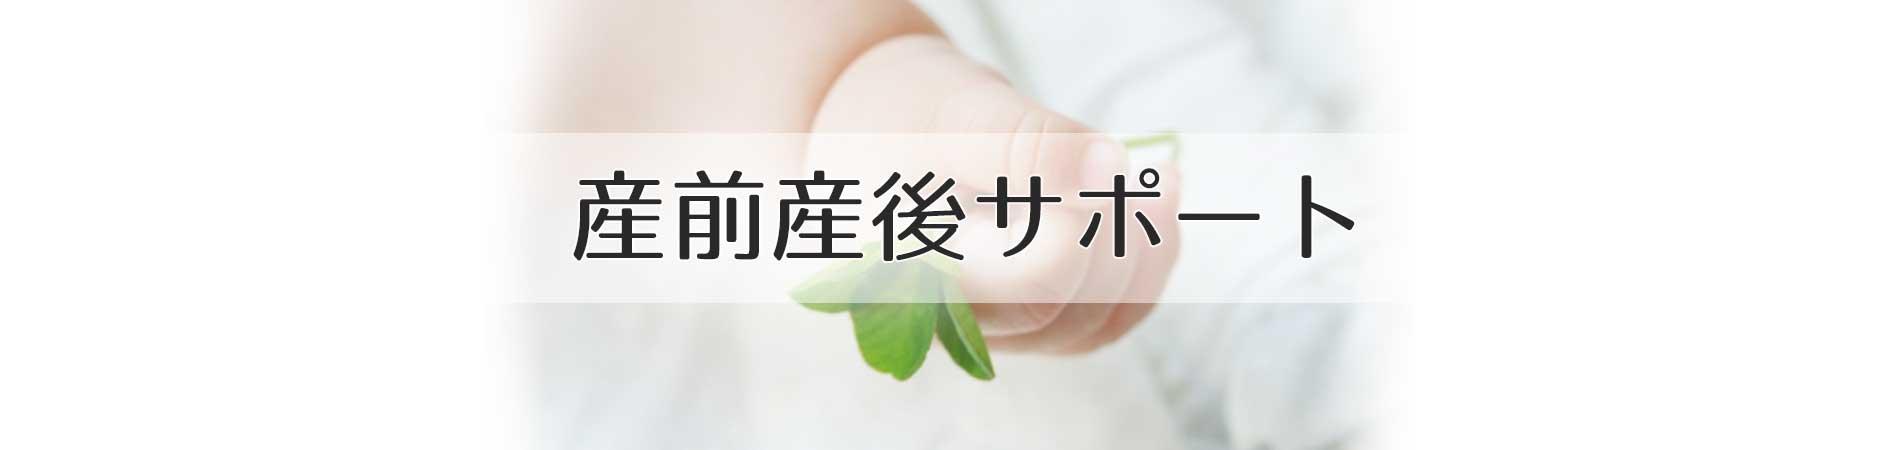 パースでの産前産後サポートのイメージ画像